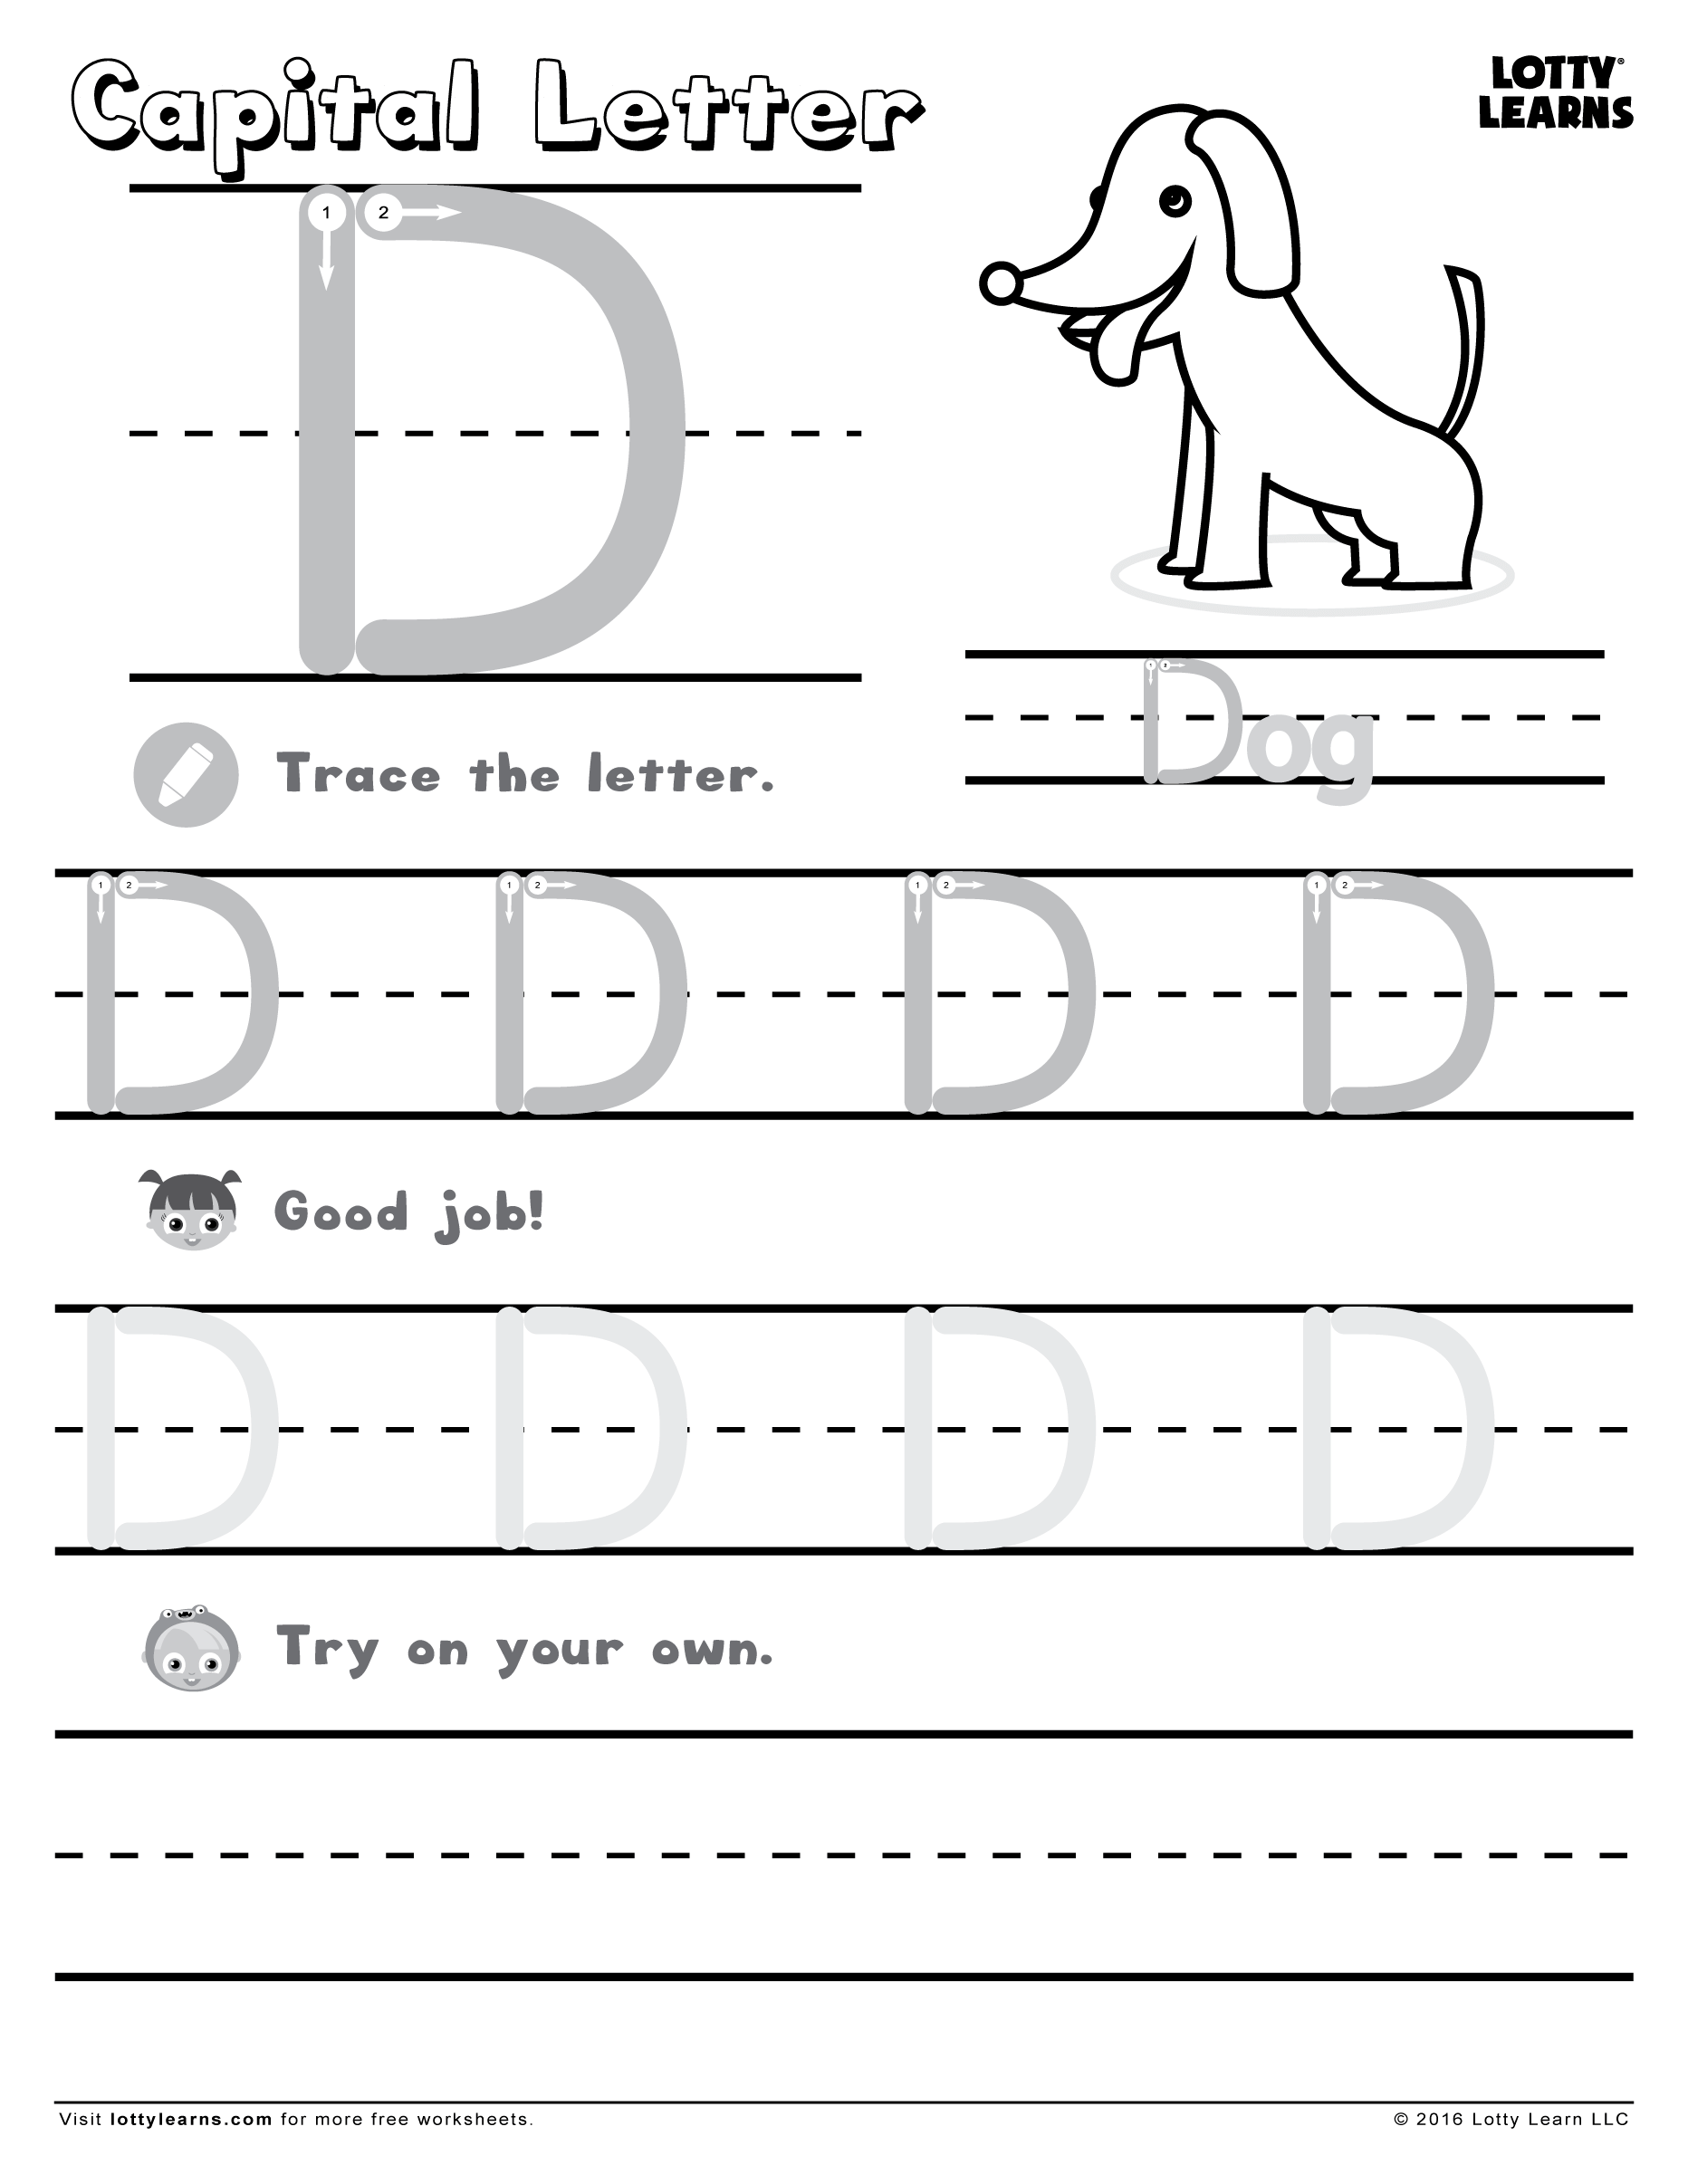 Capital Letter D